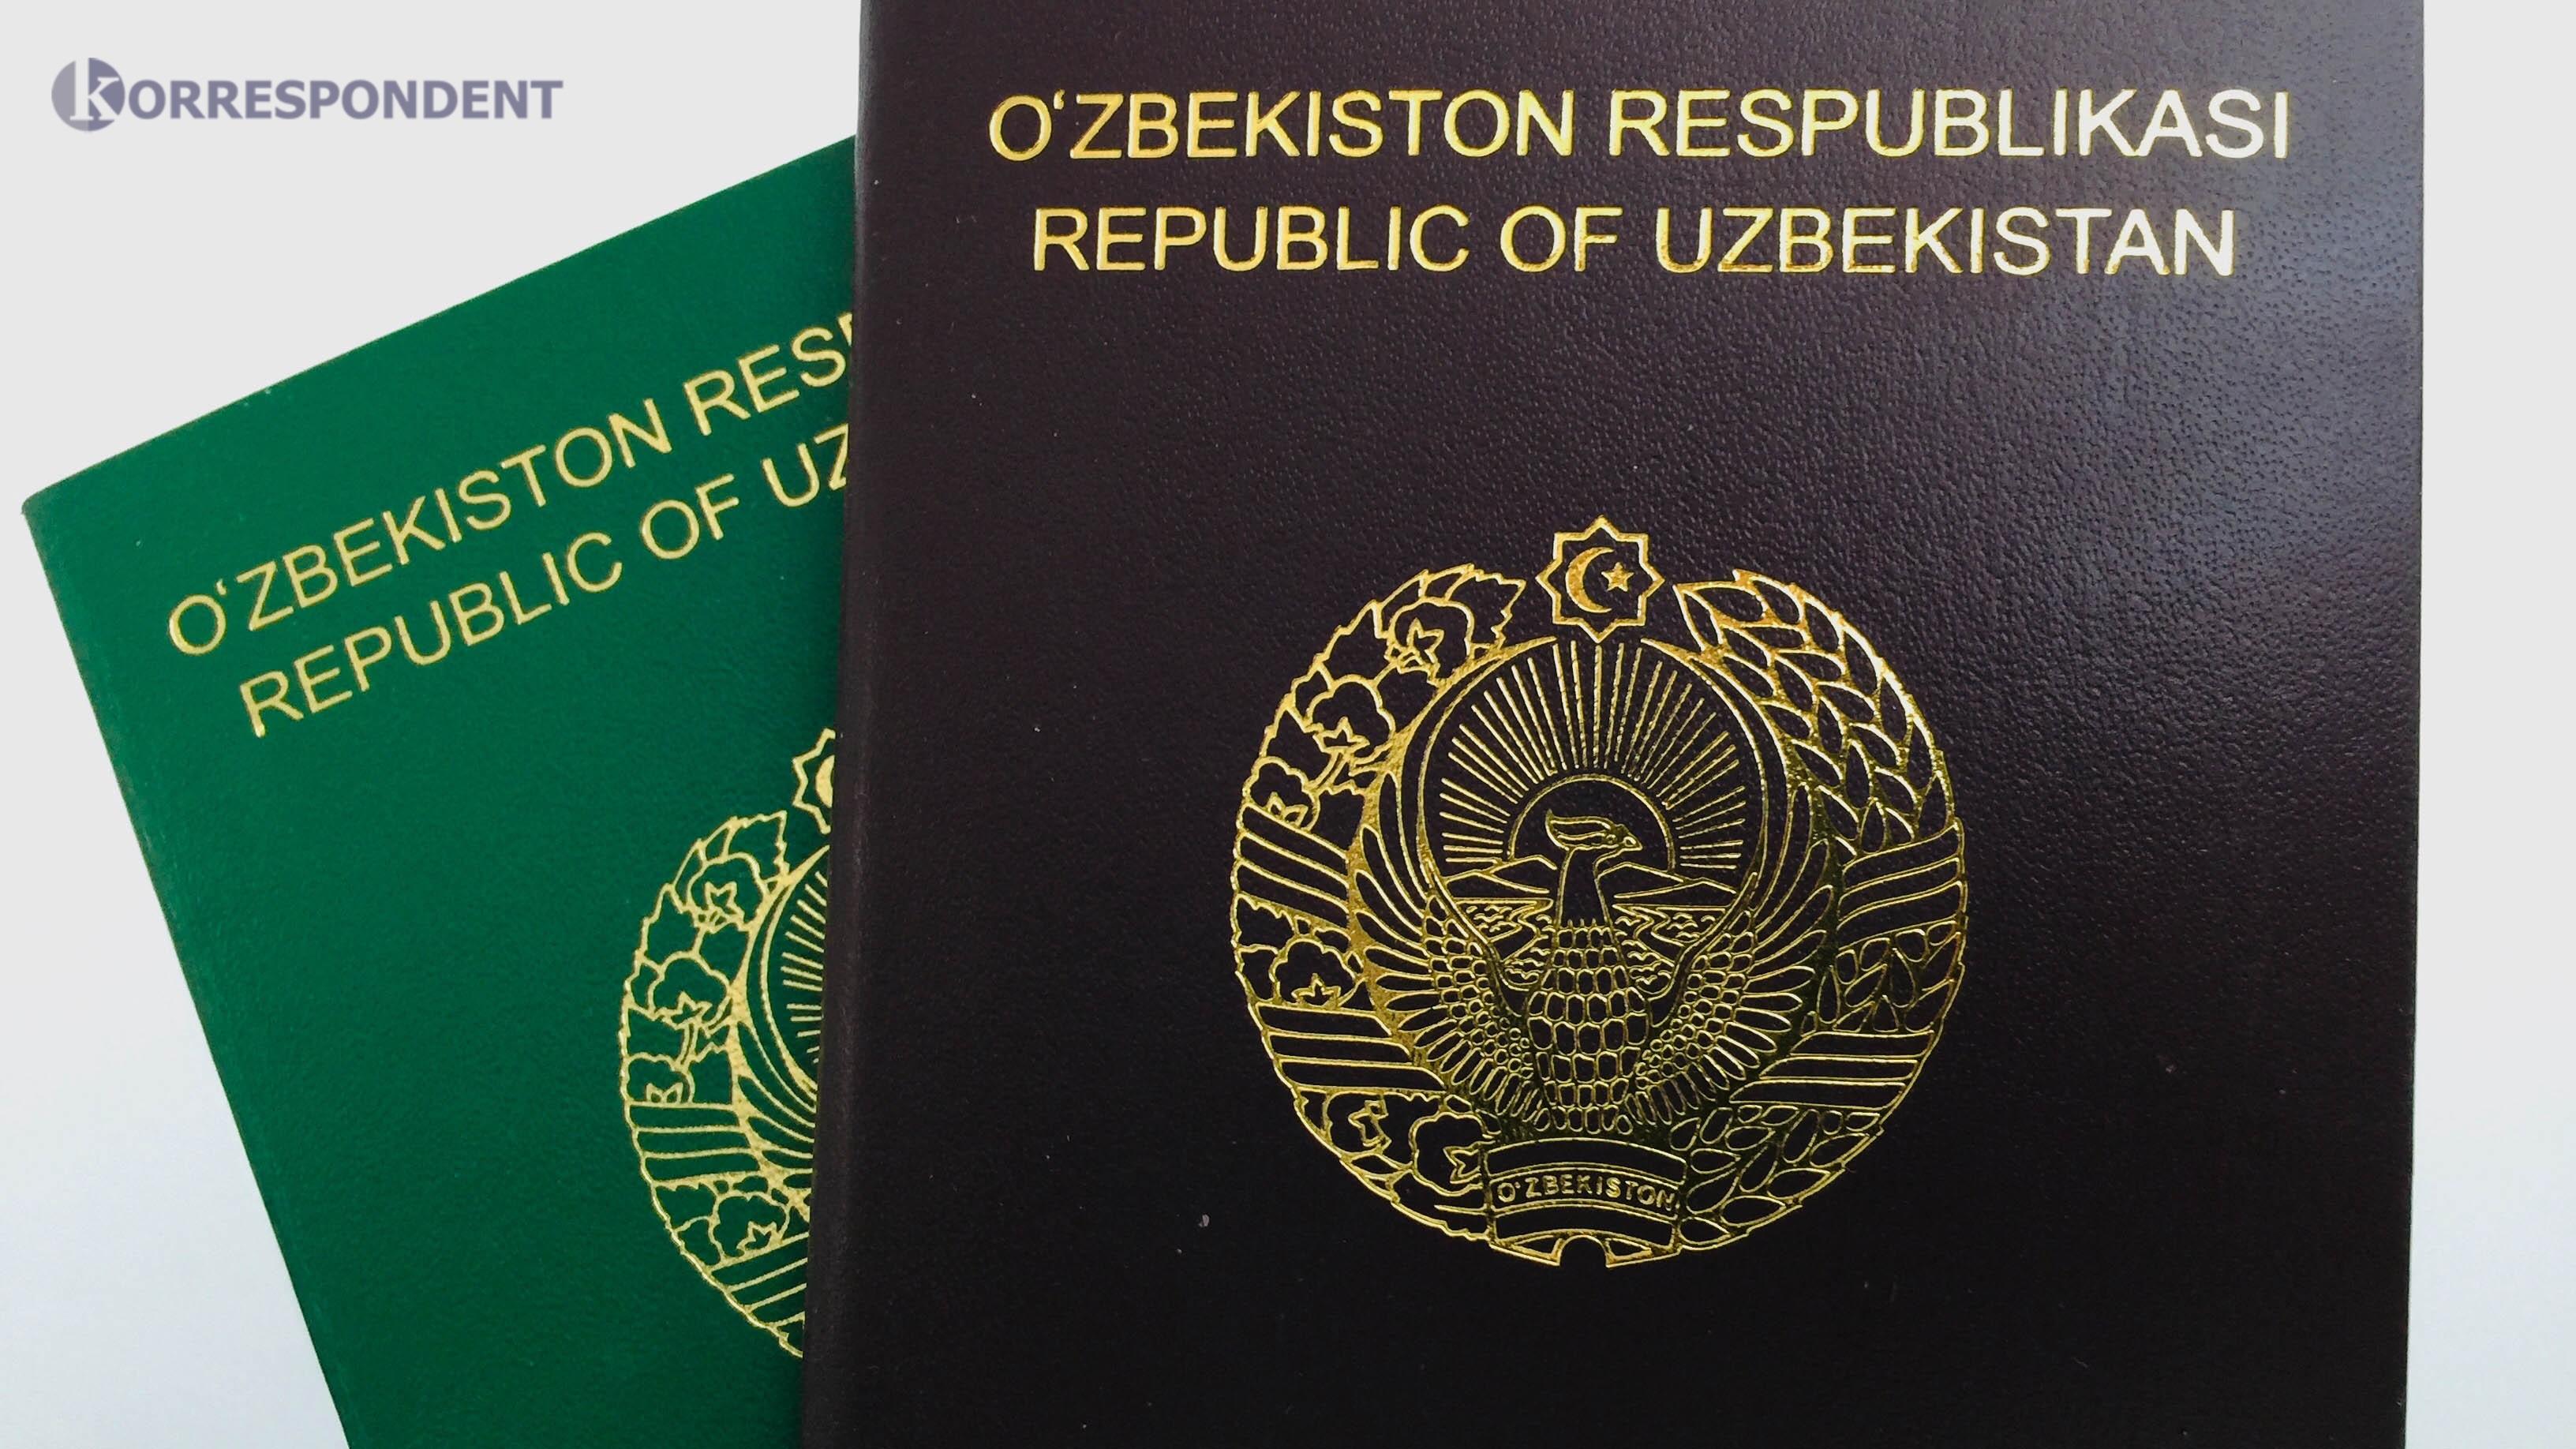 Xorijga chiqish pasporti